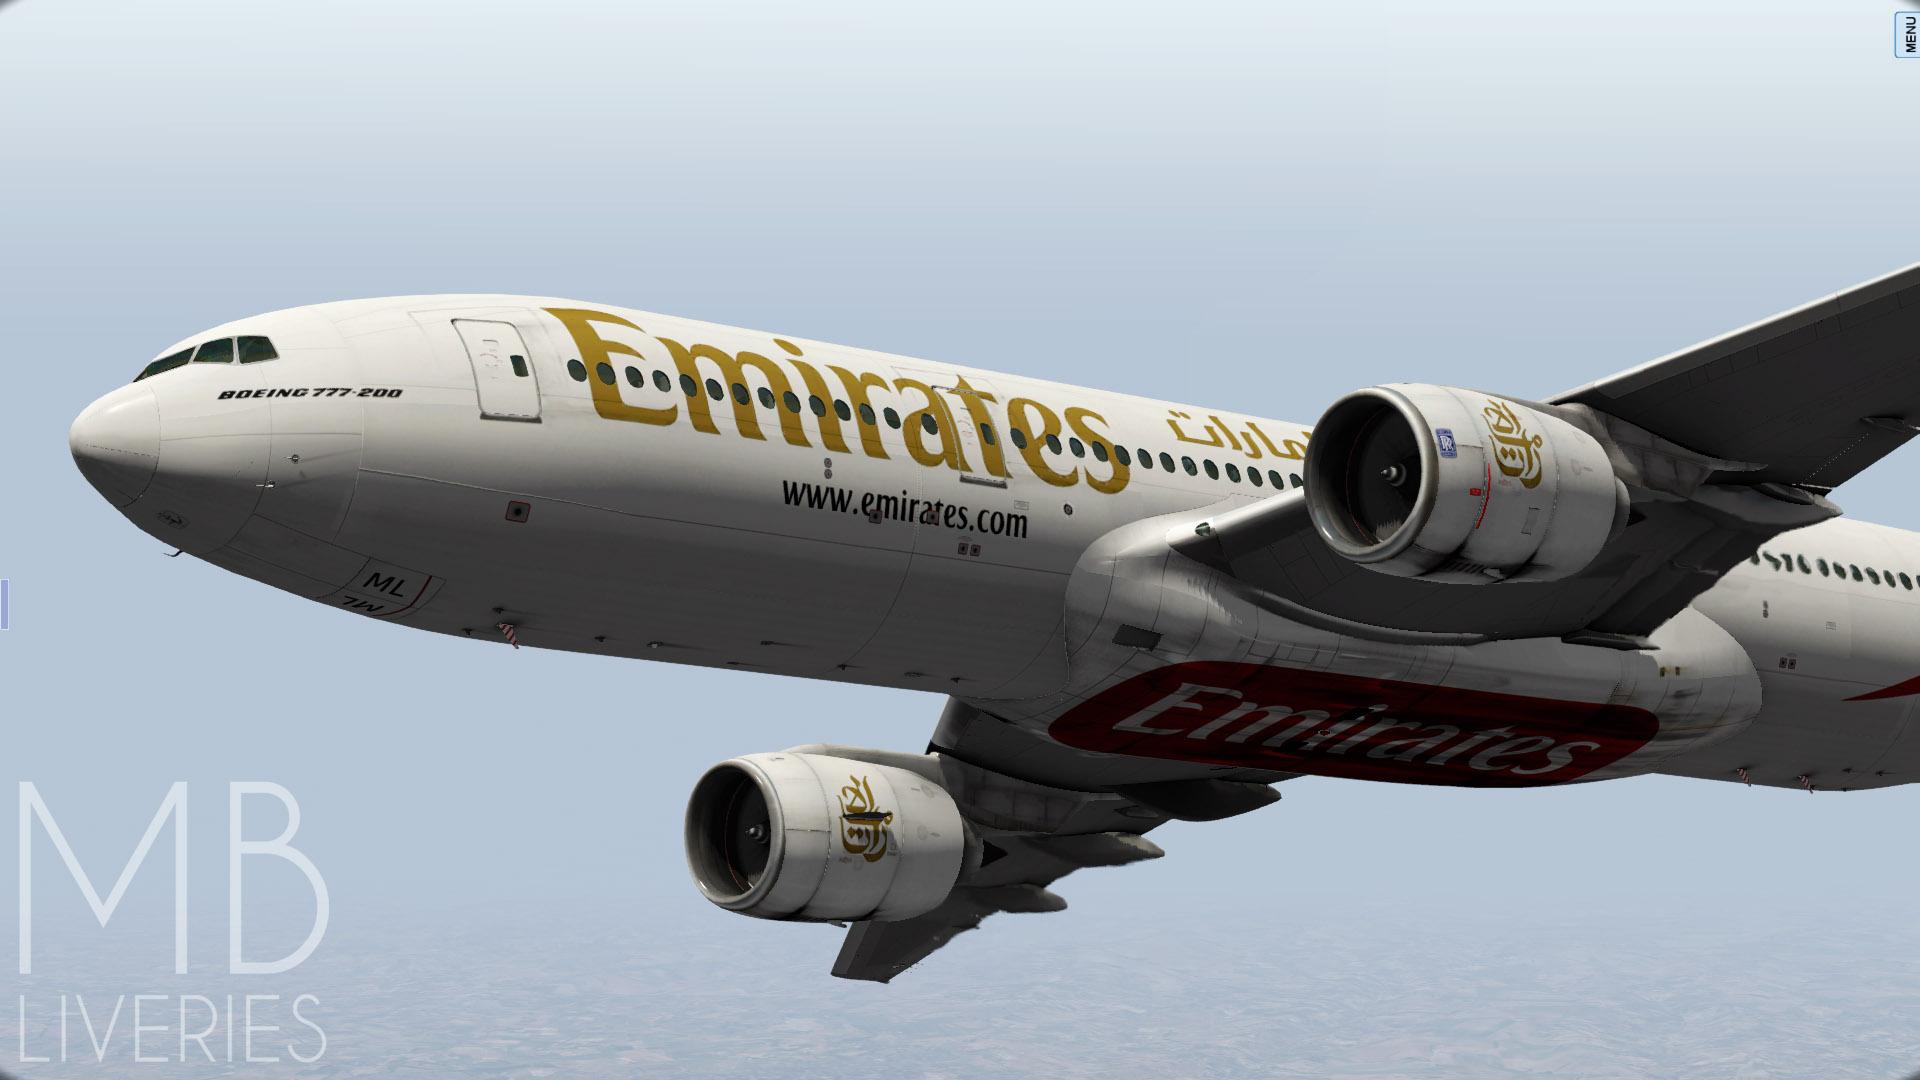 Emirates - Boeing 777-200LR/ER - Aircraft Skins - Liveries